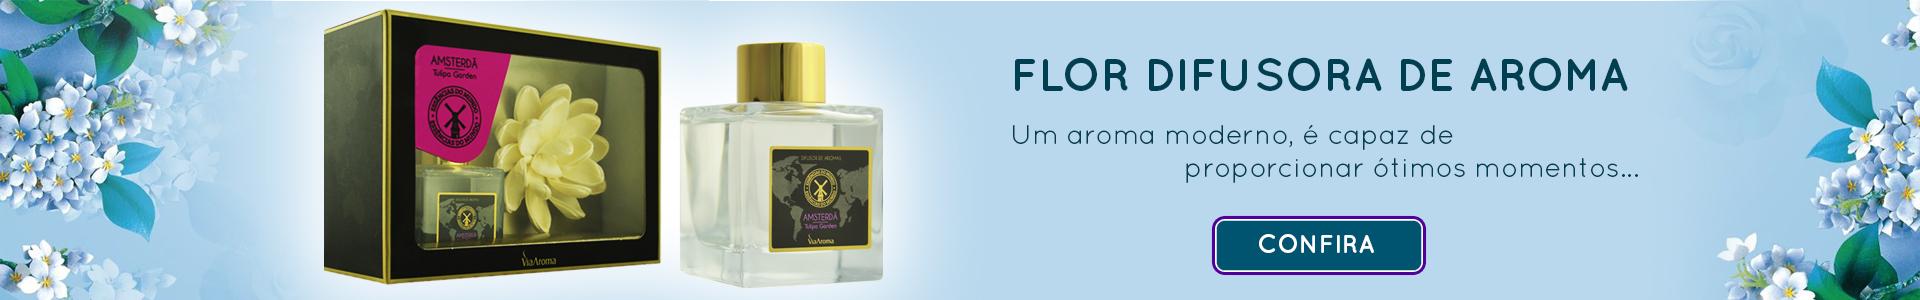 Produto Flor difusora de amora